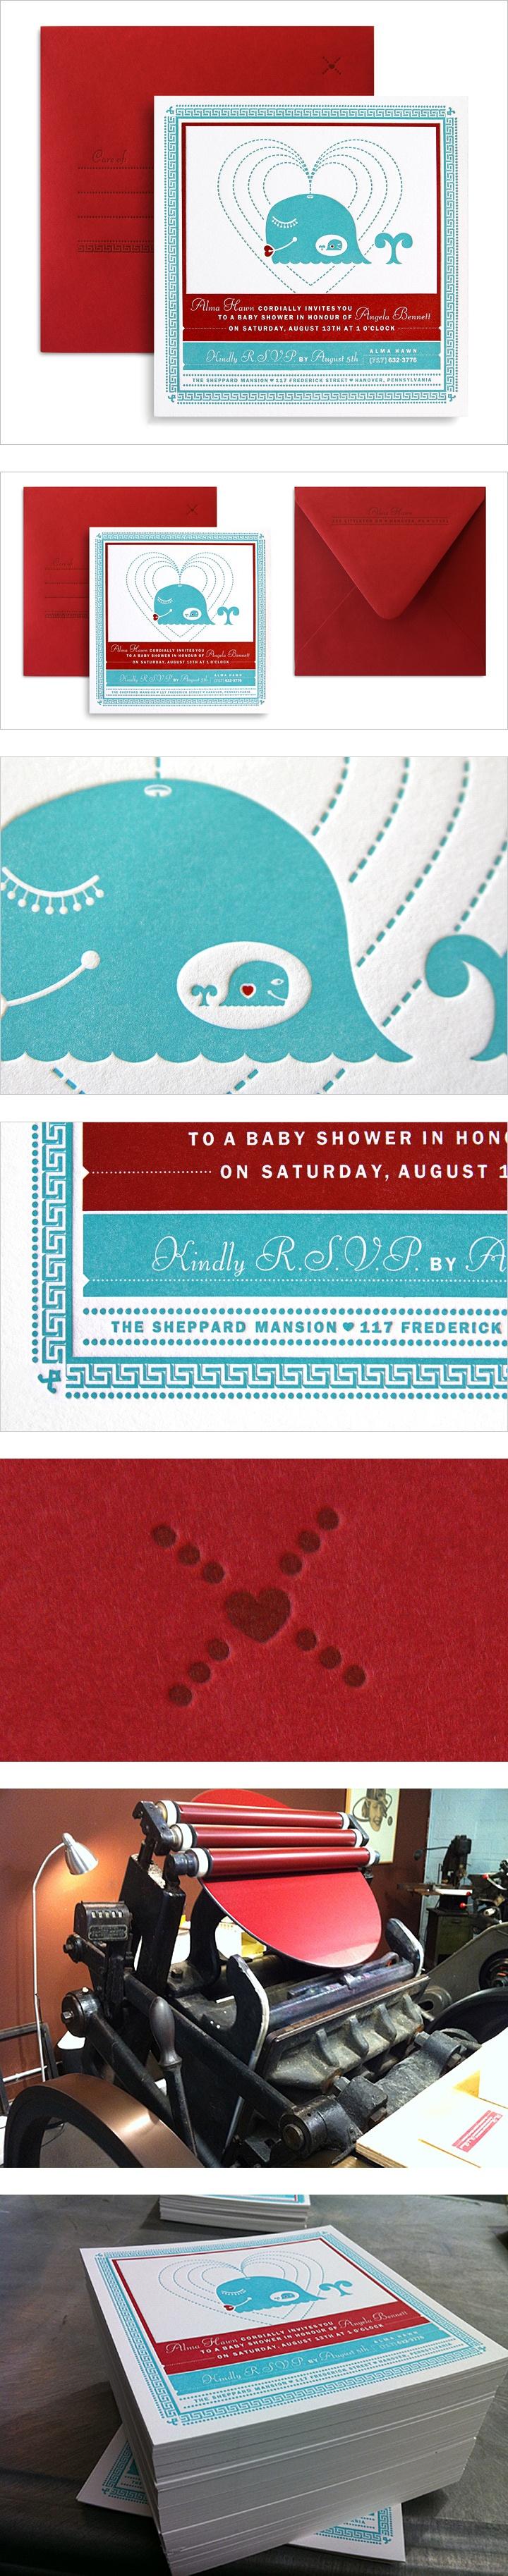 104 best letterpress images on Pinterest   Carte de visite, Graphics ...